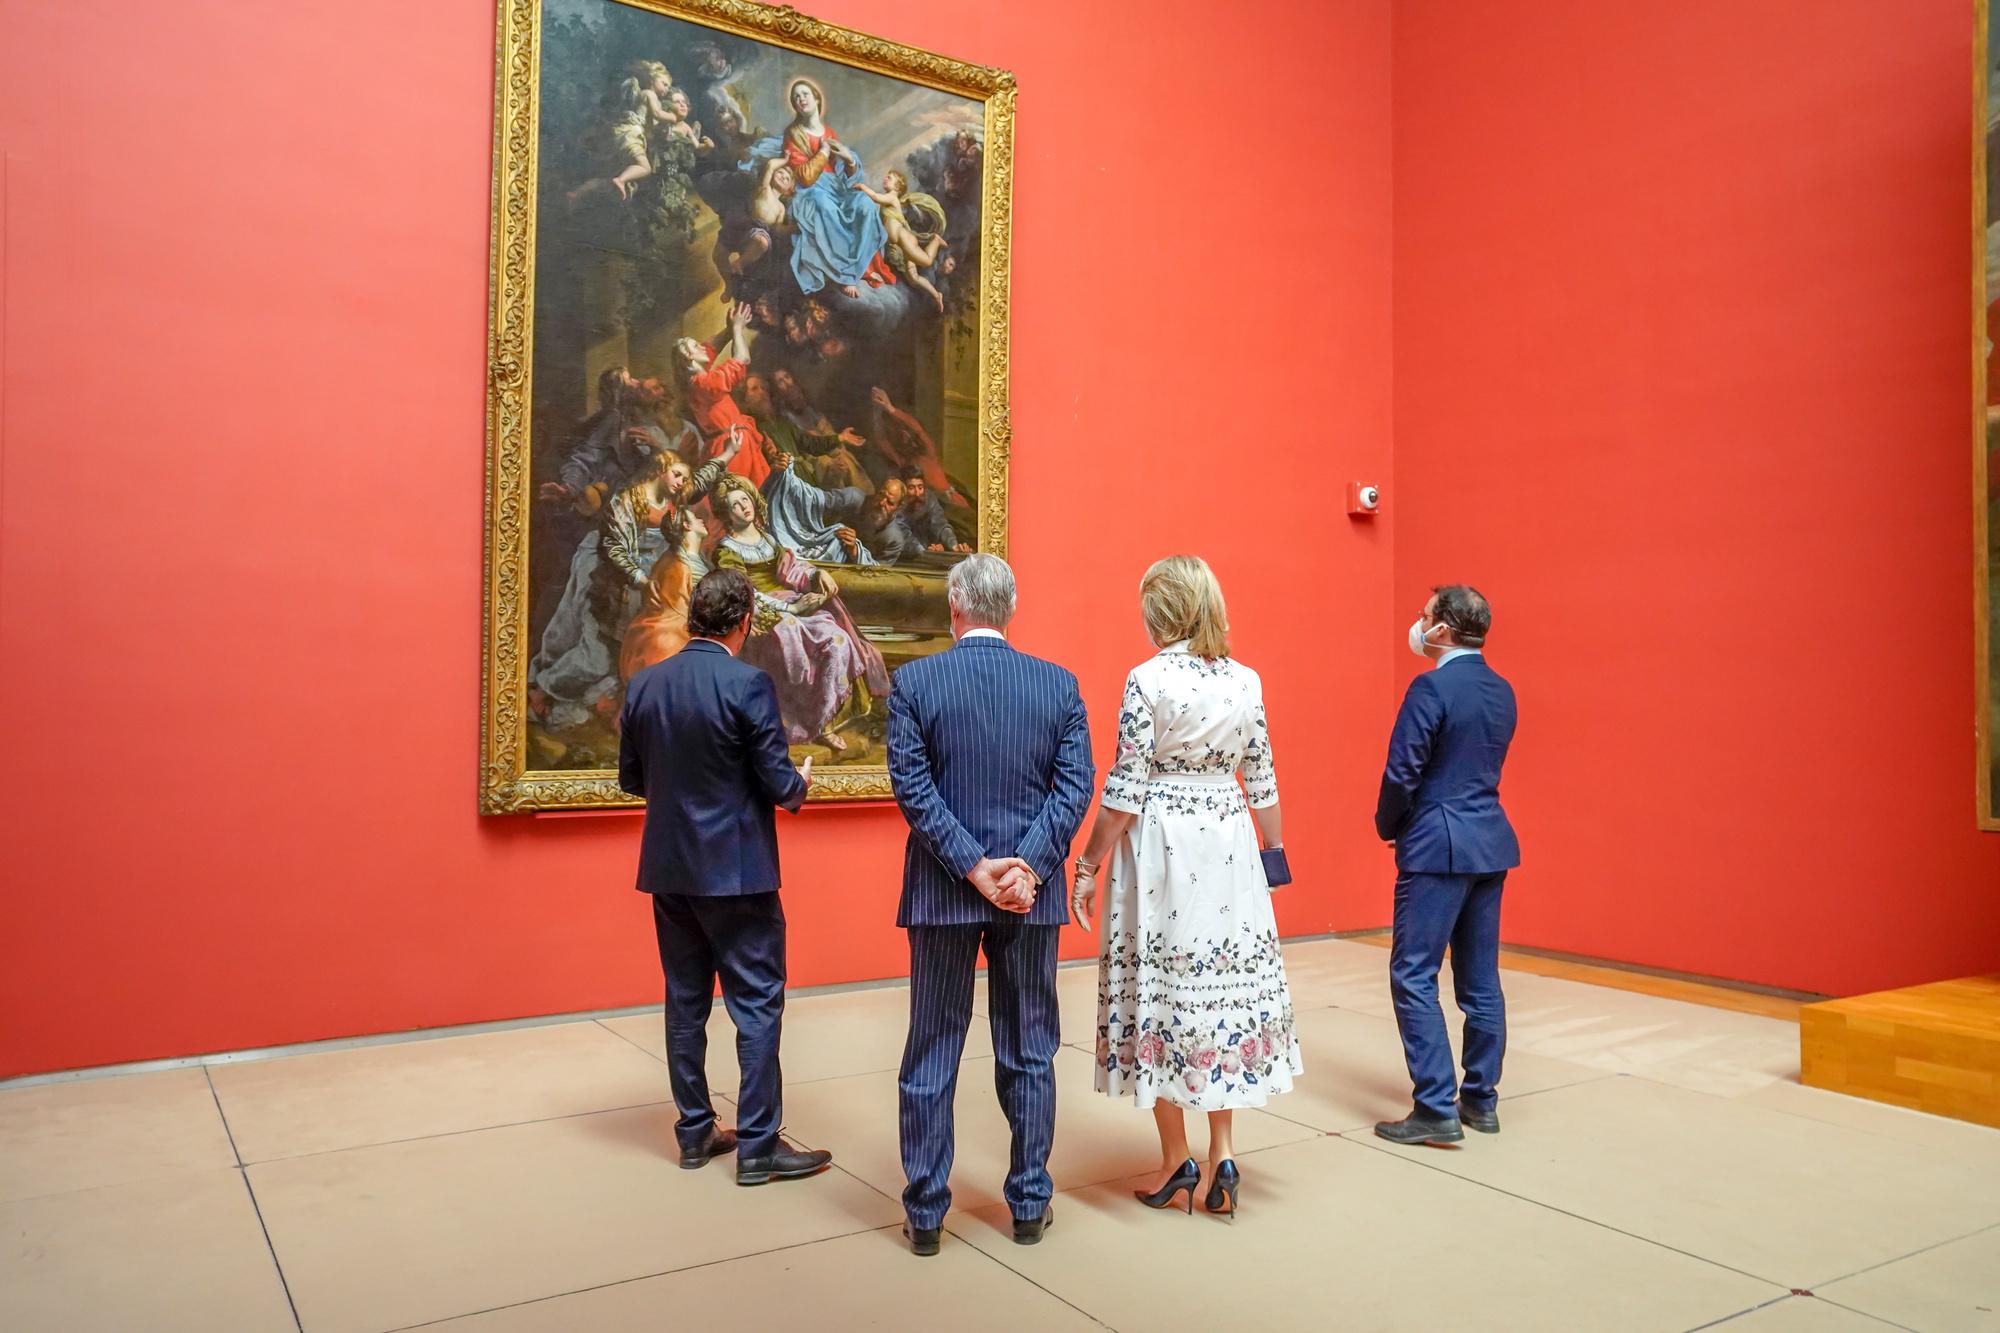 Le Roi Philippe et la Reine Mathilde, en visite royale aux Musées royaux des Beaux-Arts., belga